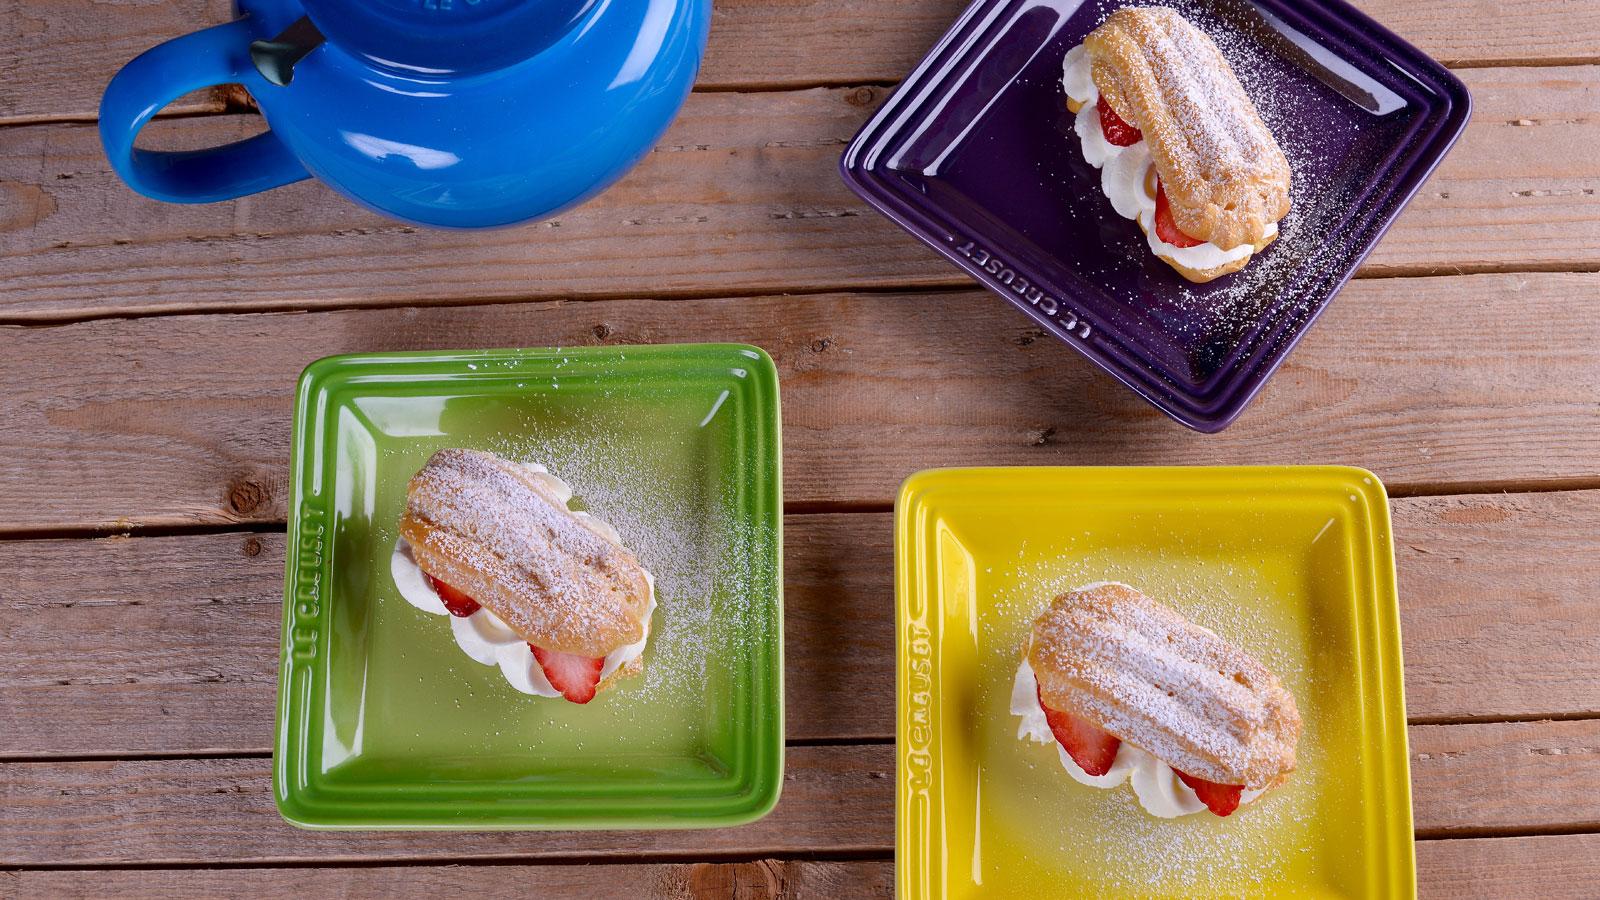 Rel mpagos de fresa y nata alma obreg n receta canal for Canal cocina alma obregon